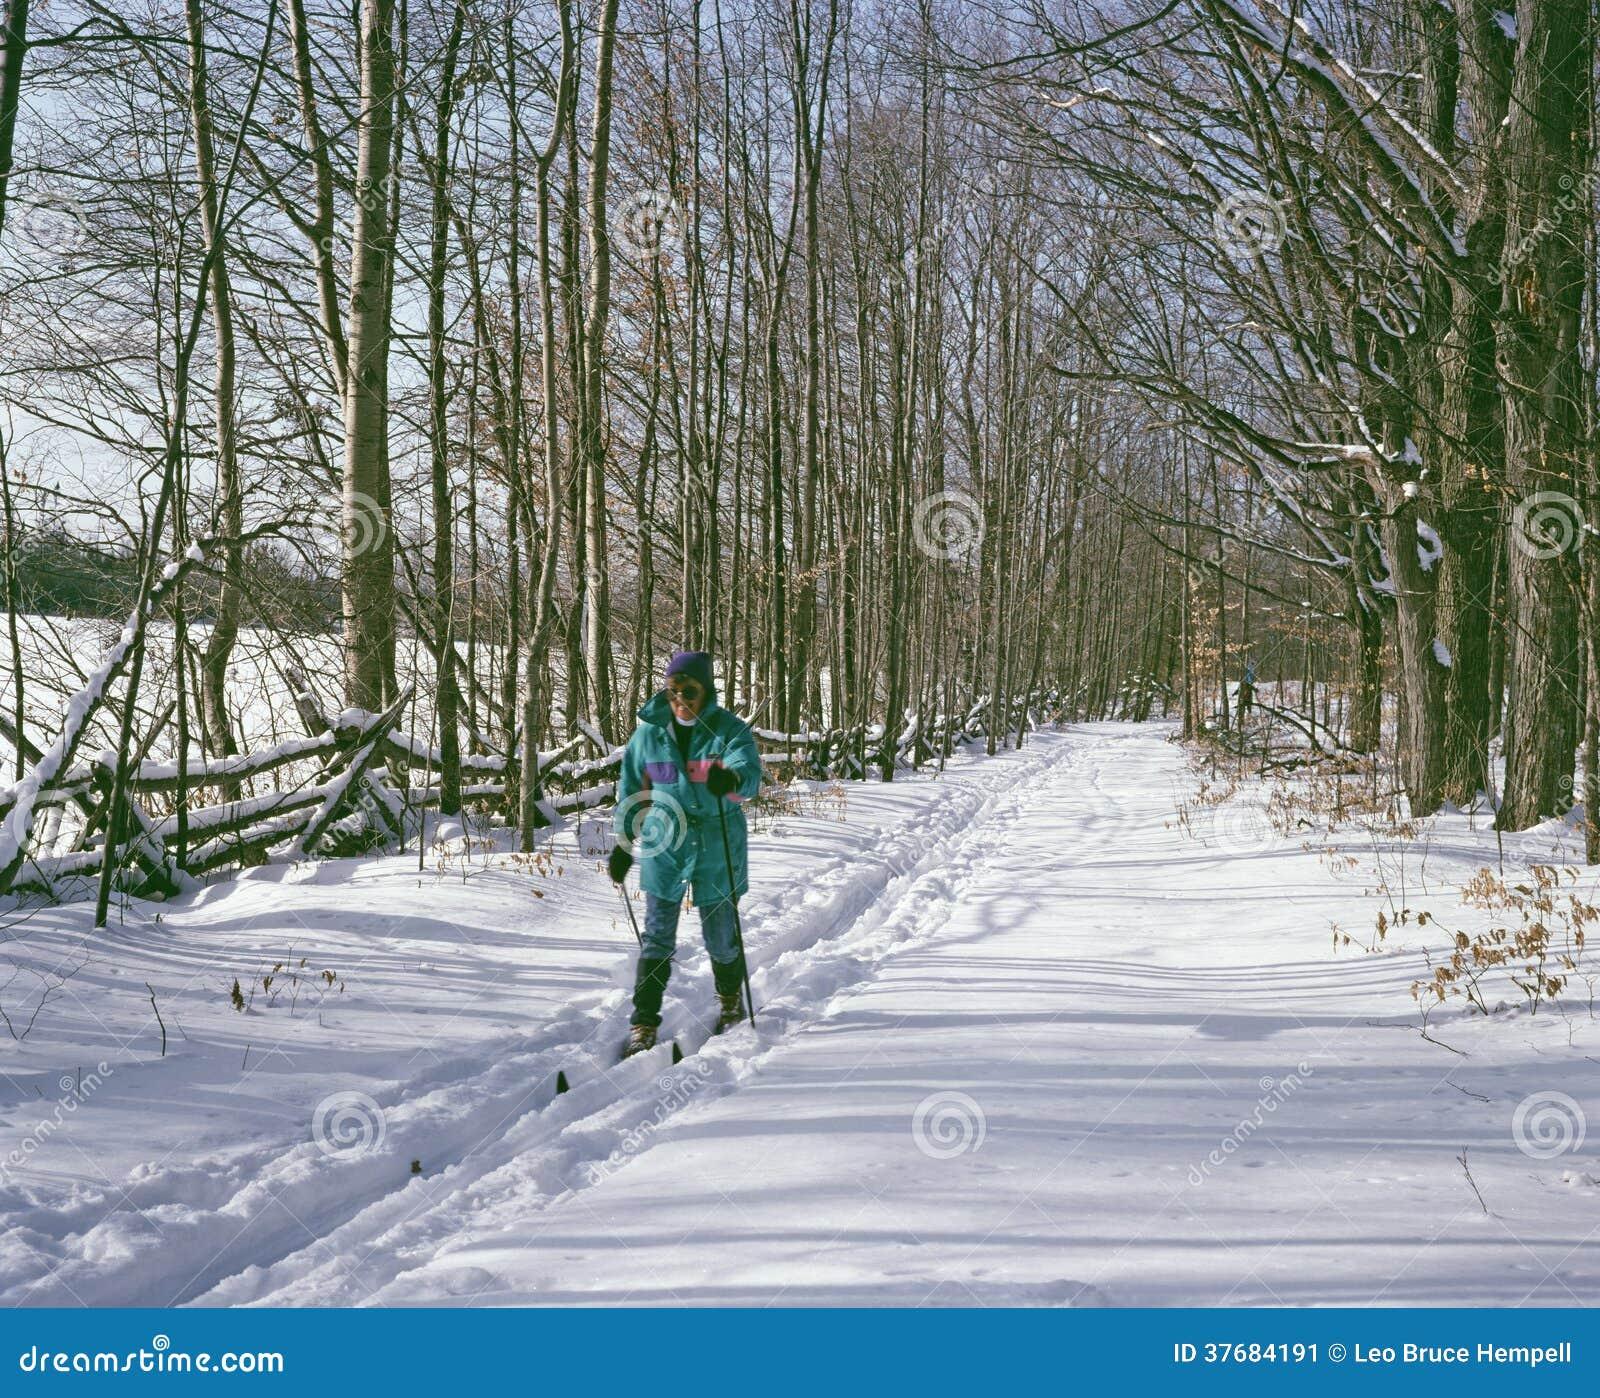 Διαγώνιο να κάνει σκι Οντάριο Καναδάς χώρας